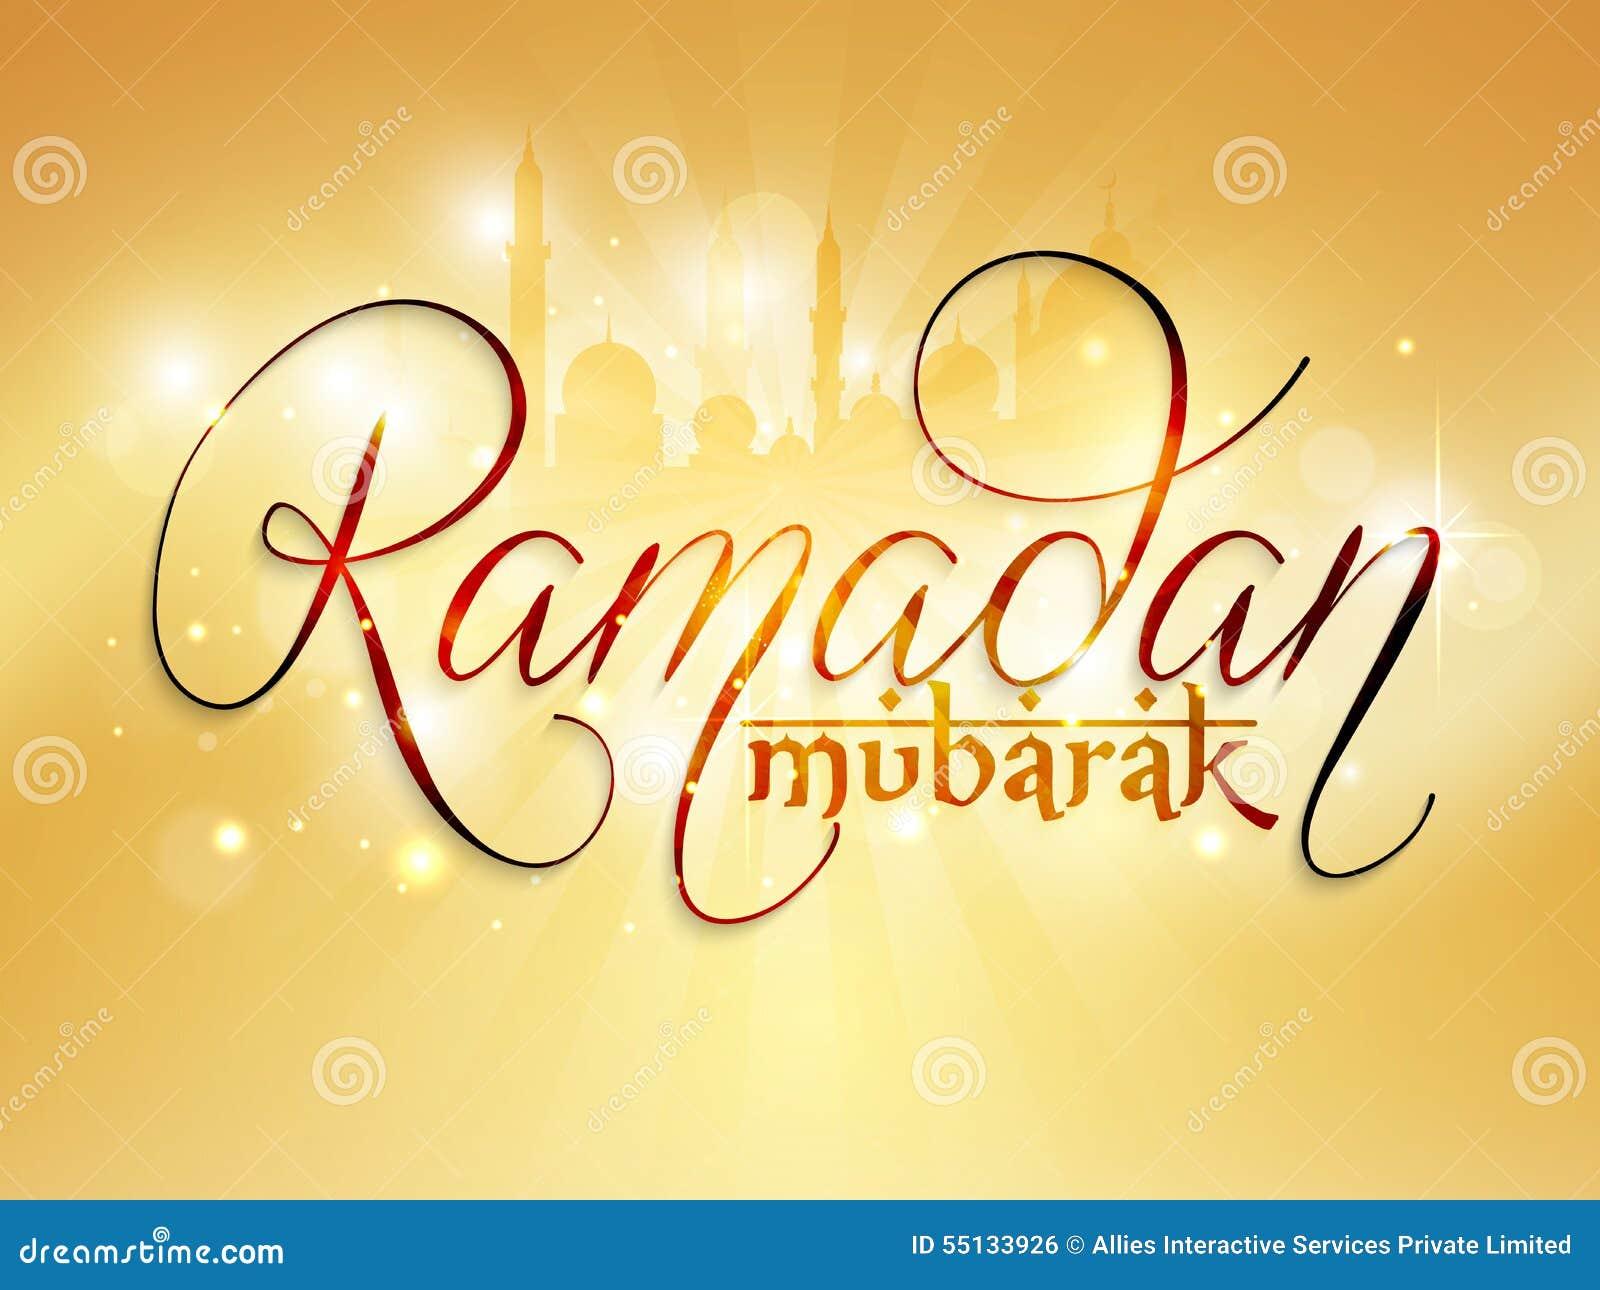 Beautiful Greeting Card For Ramadan Mubarak Celebration Stock